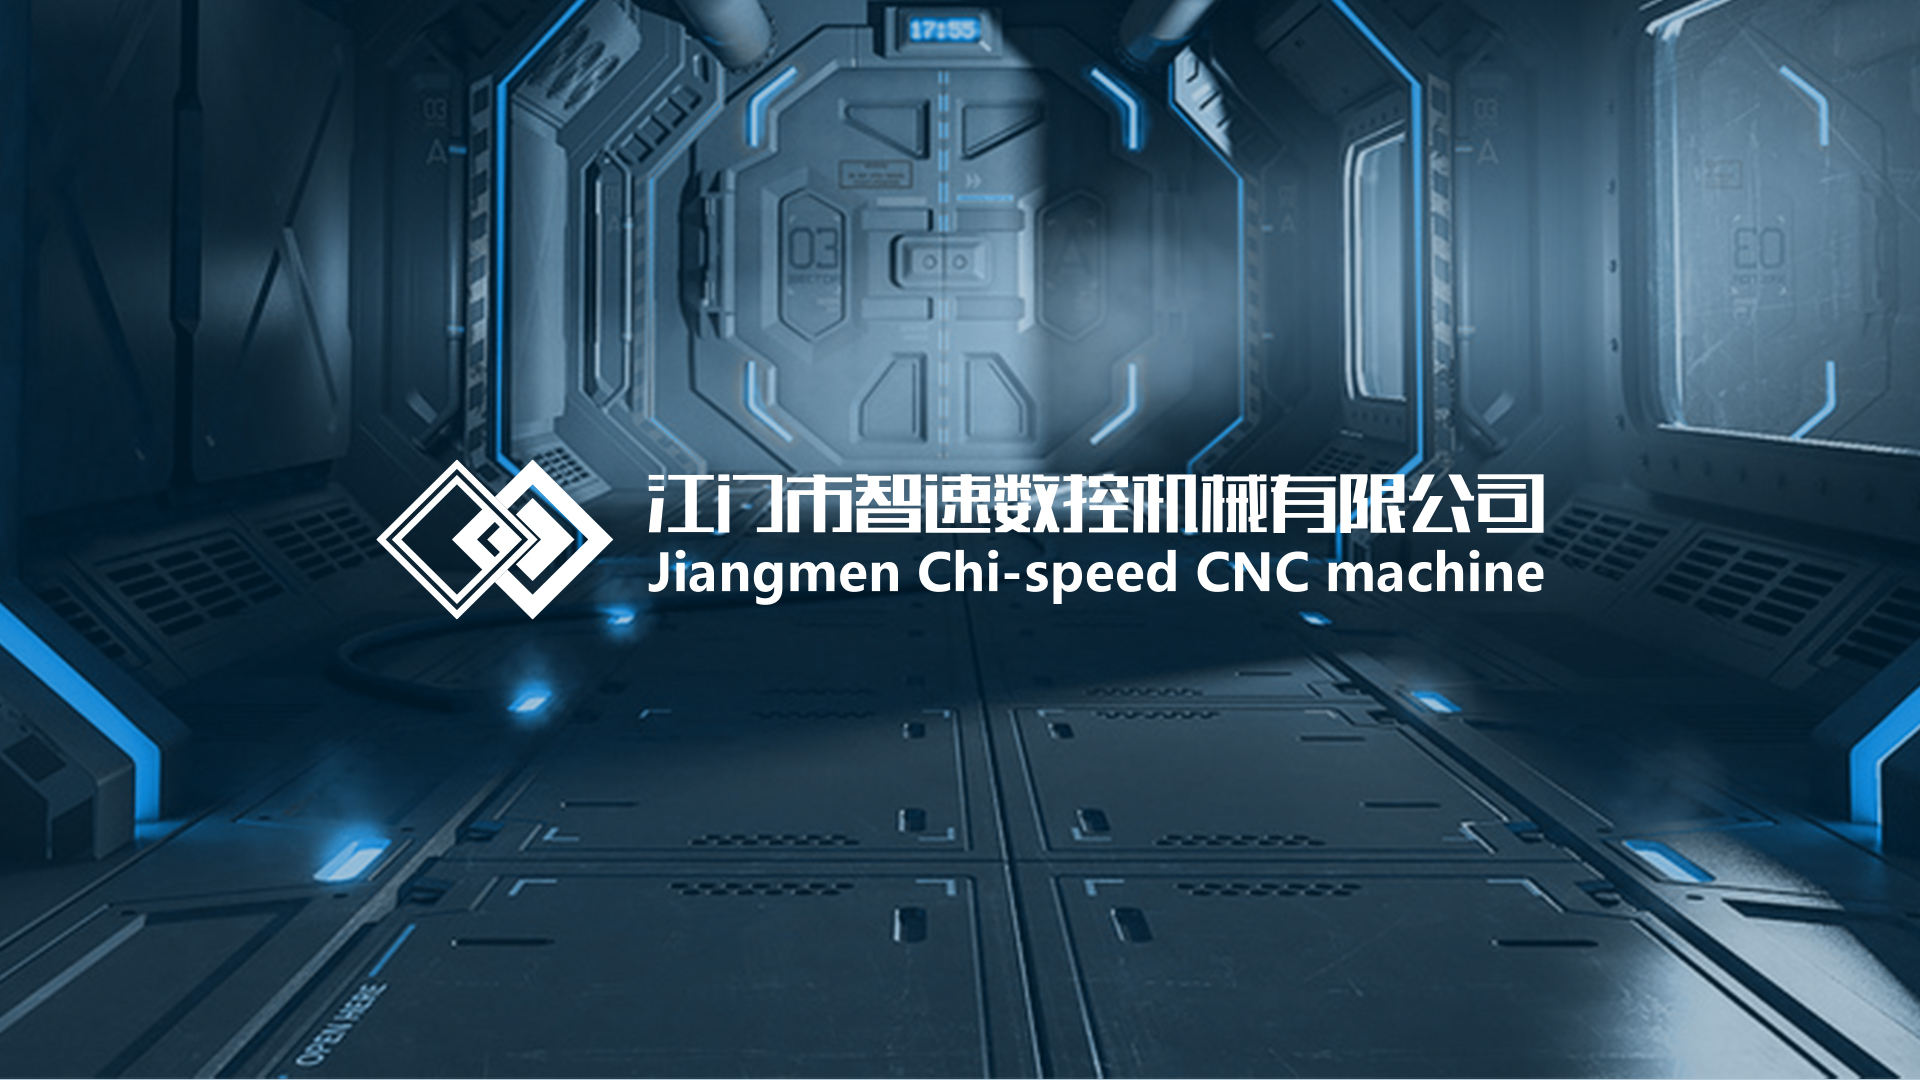 江门市智速数控机械有限公司-02.jpg